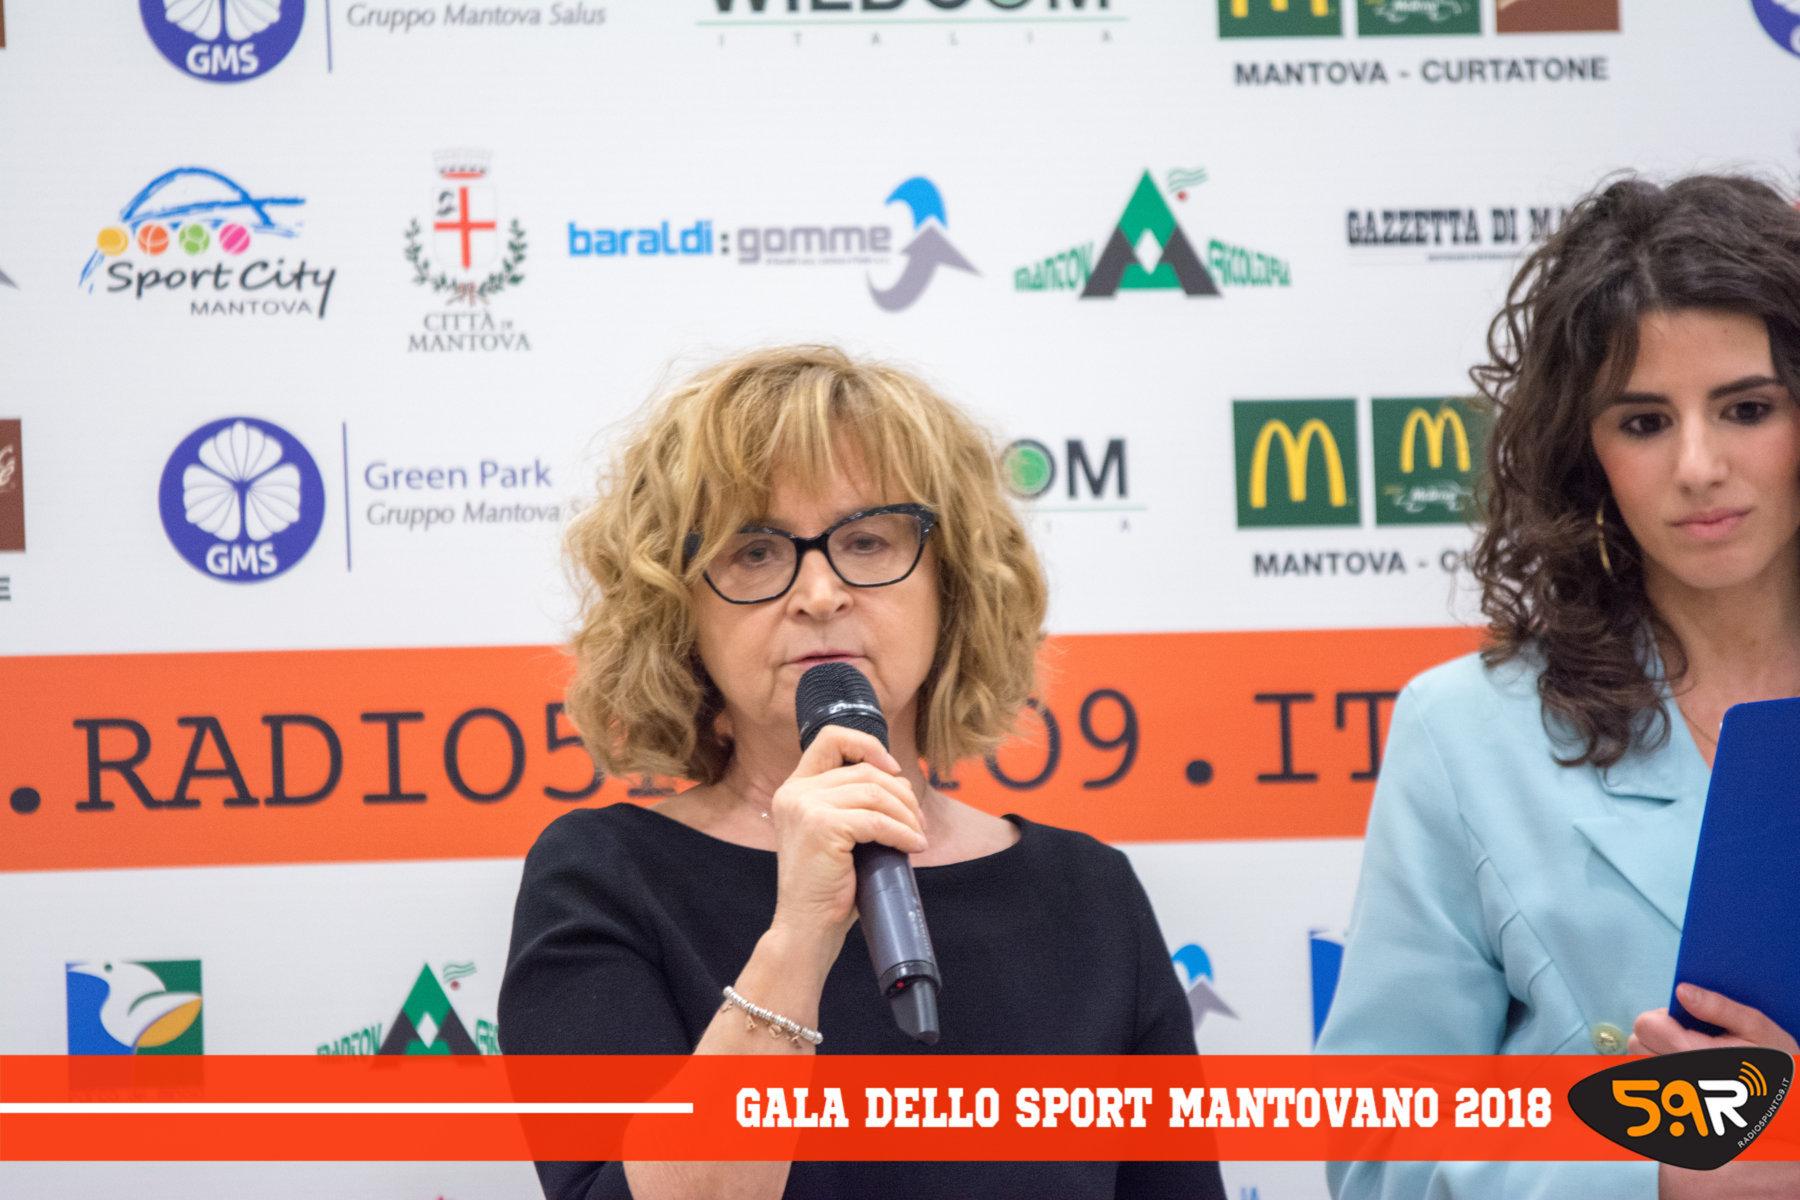 Gala dello Sport Mantovano 2018 Web Radio 5 (73)